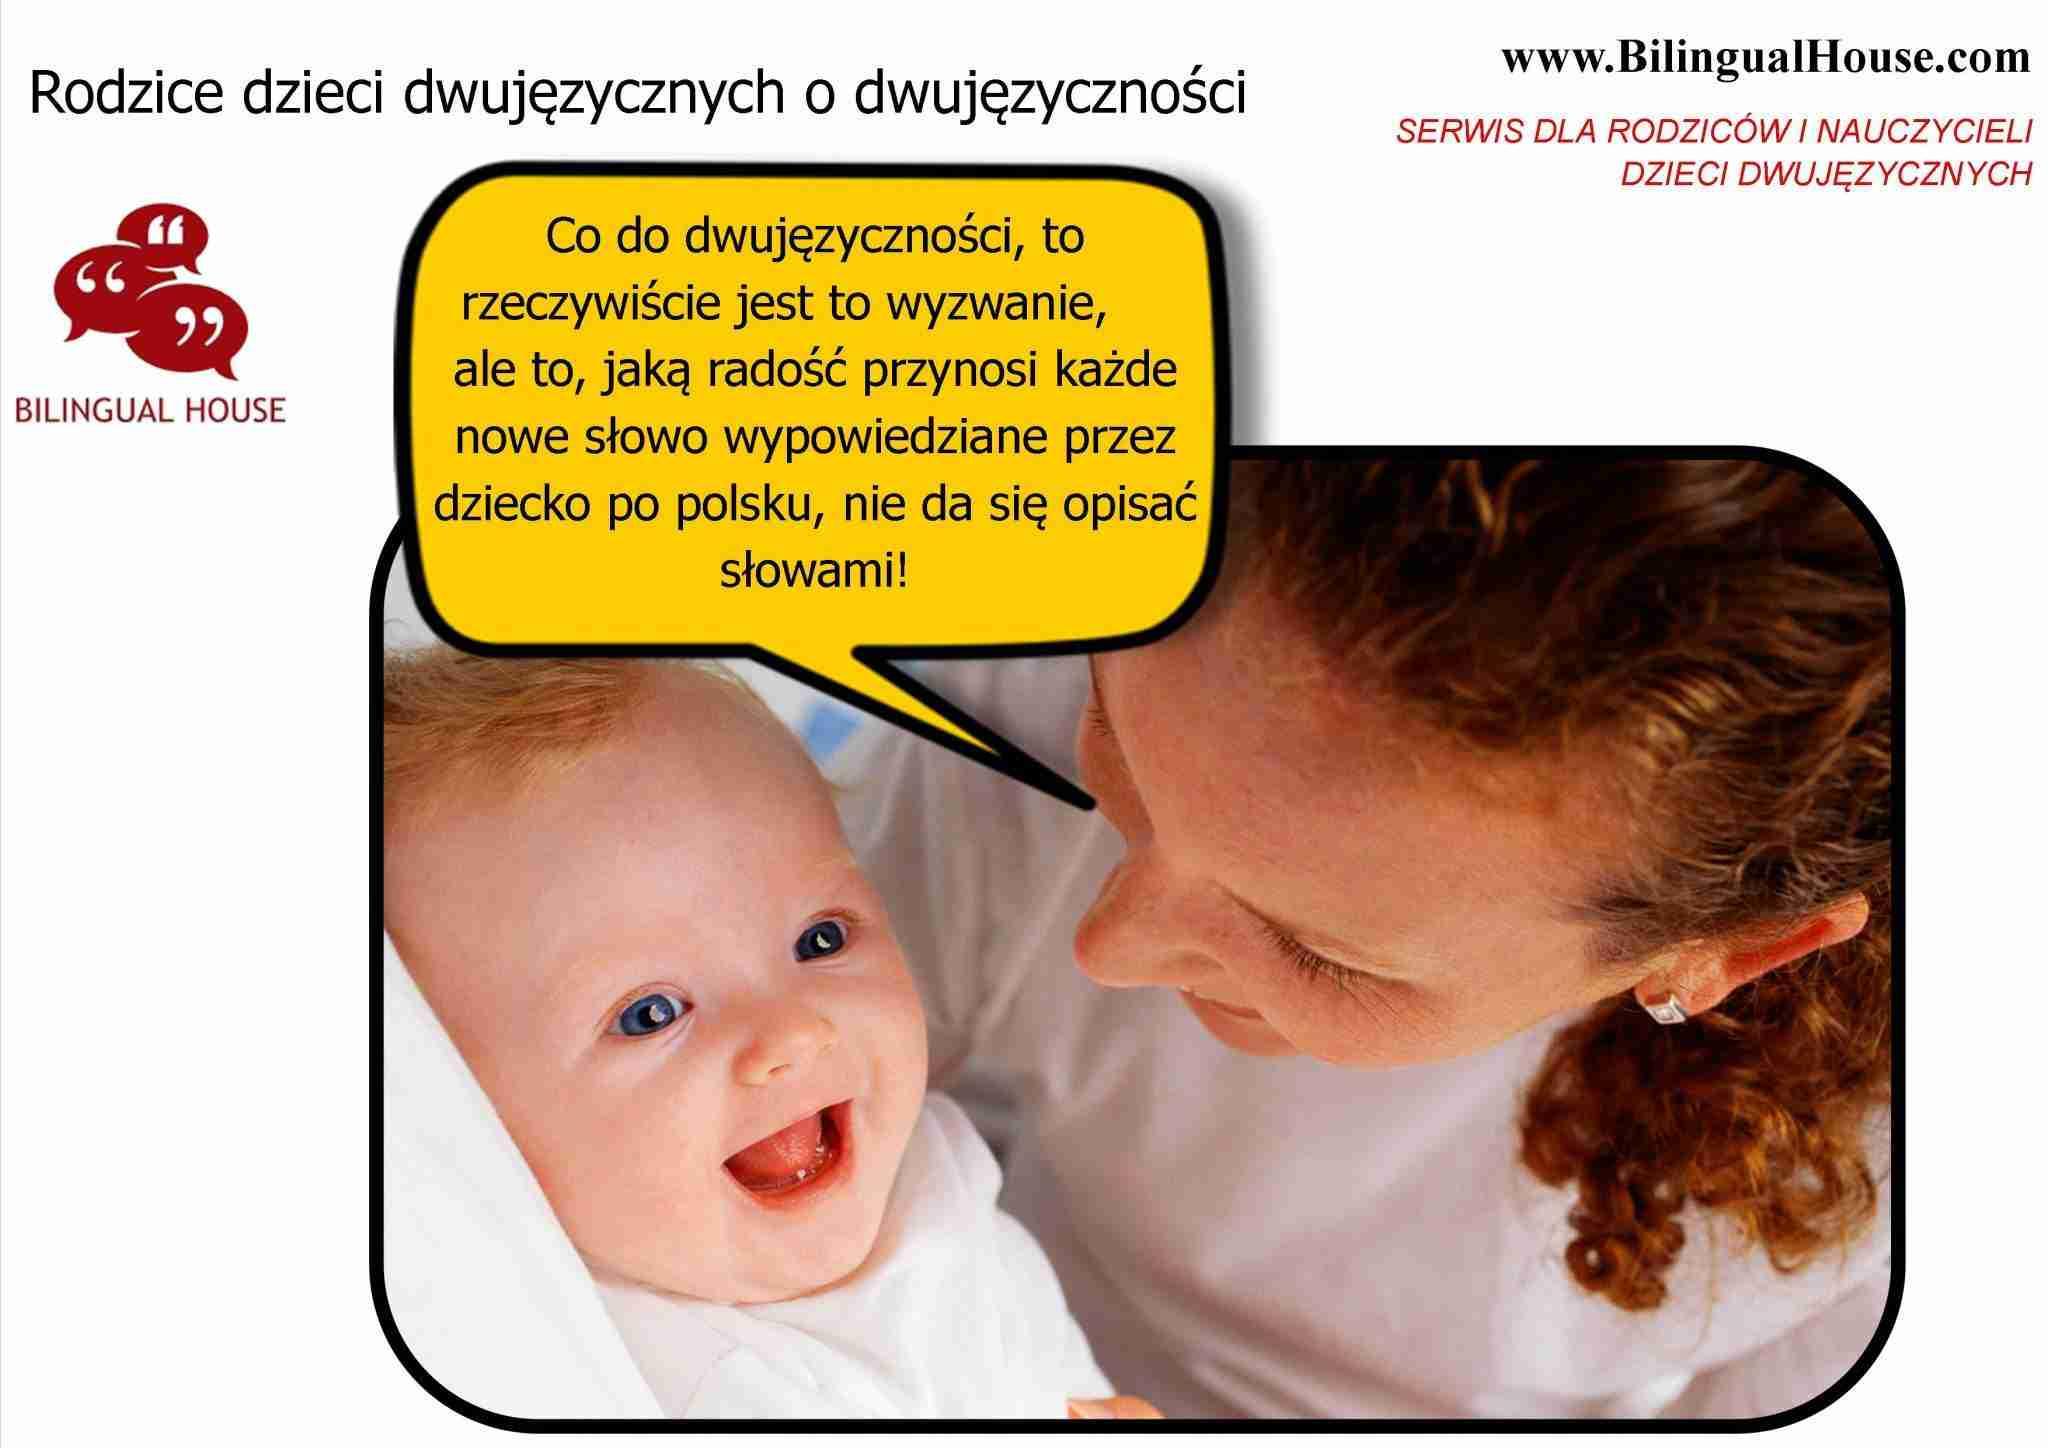 rodzice dzieci dwujezycznych o dwujezycznosci